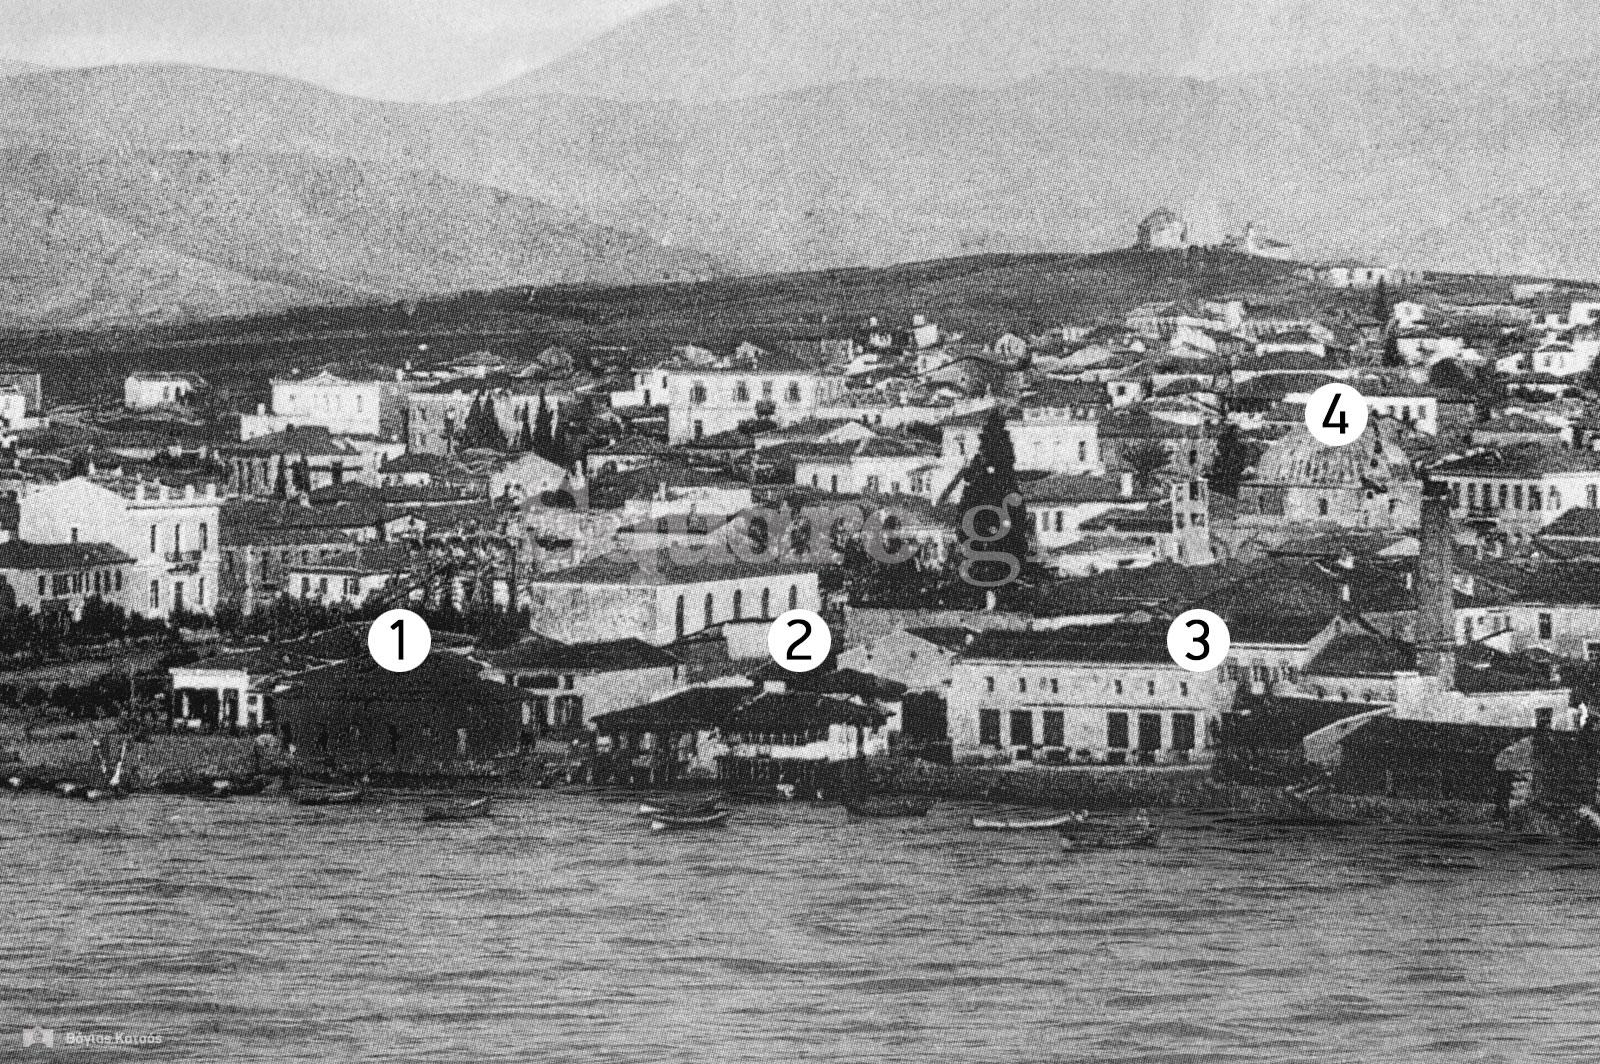 16-Πριν-μεταφερθούν-το-1906-στη-δημοτική-αγορά,-τα-ιχθυοπωλεία-βρίσκονταν-δίπλα-στο-κύμα-στην-παραλία-της-Χαλκίδας